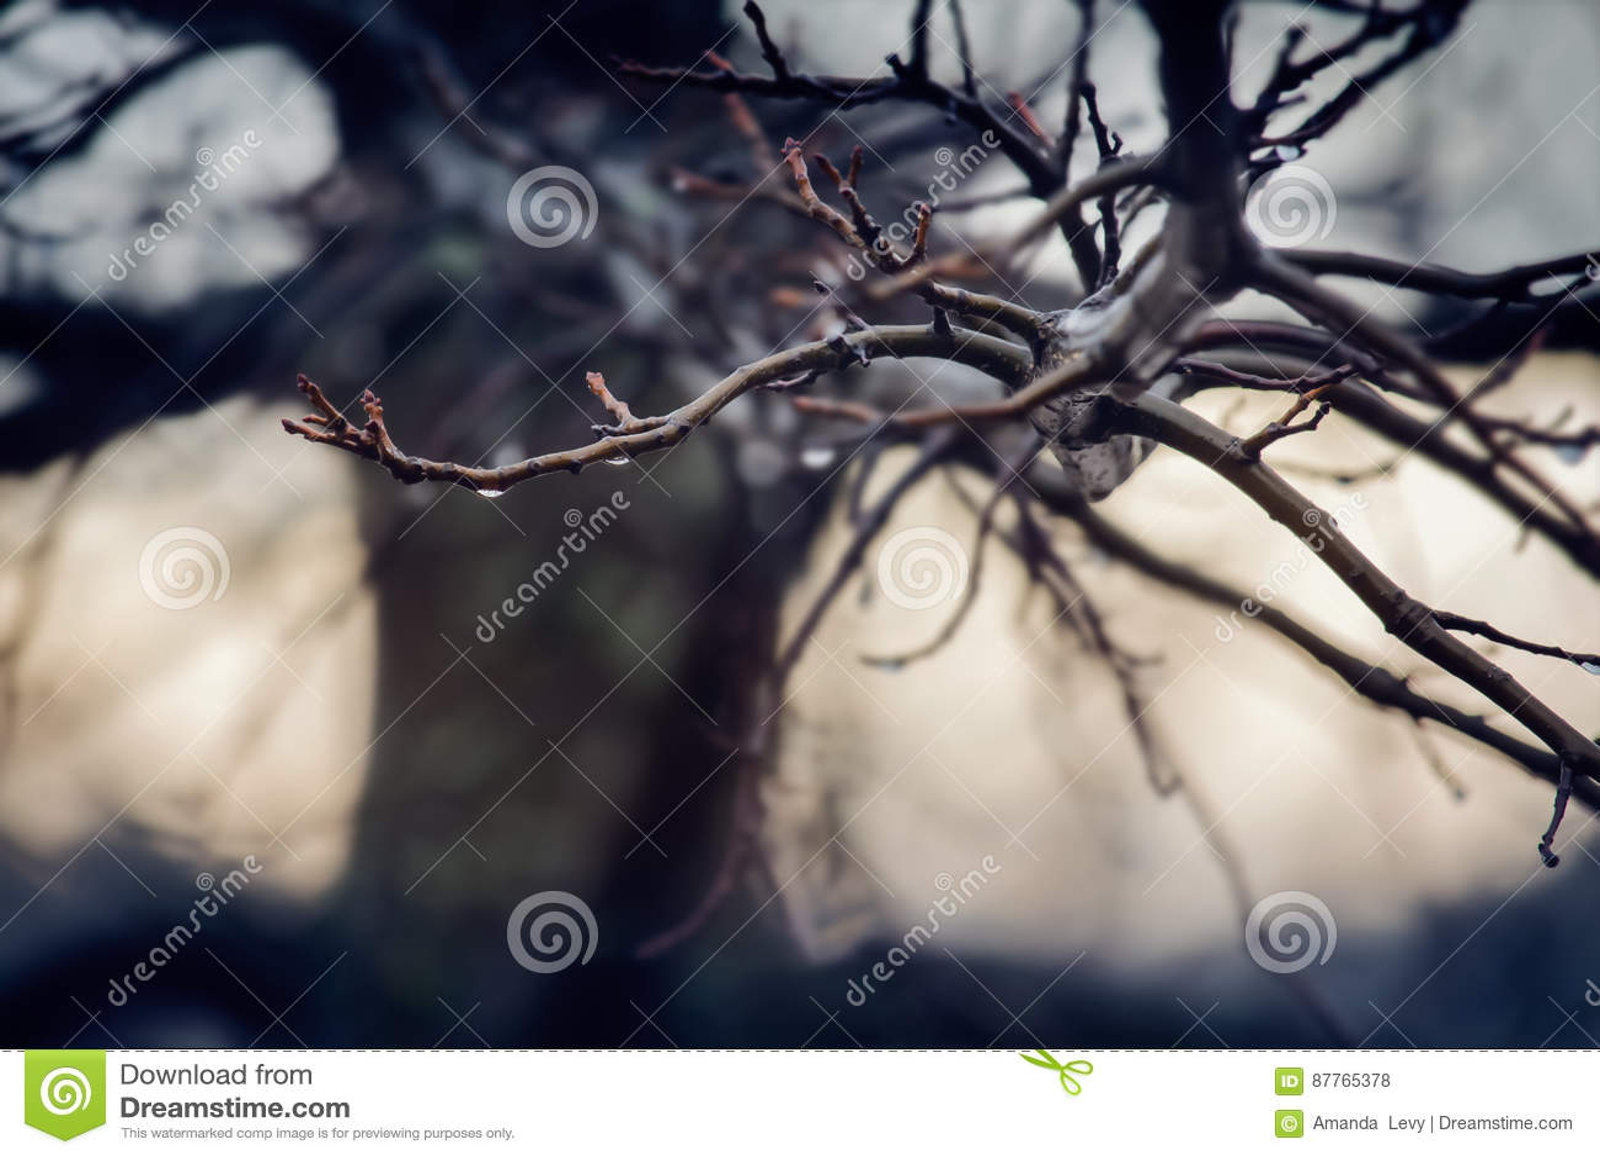 Pingos de chuva em um ramo de árvore desencapado no inverno